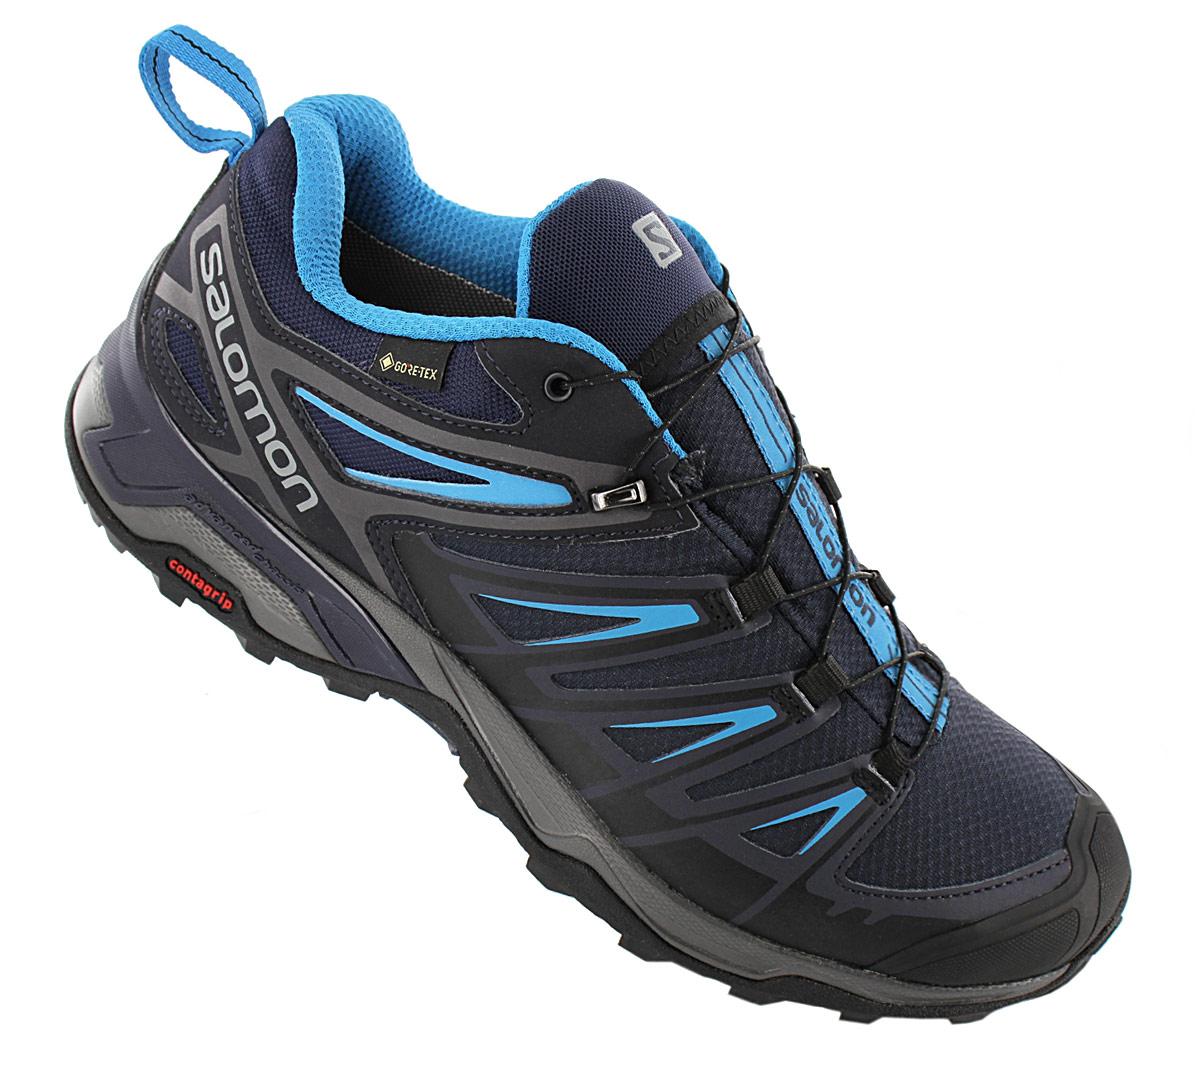 Details about Salomon X Ultra 3 GTX Gore Tex Mens Walking Shoes 402423 Blue Trekking Shoes show original title